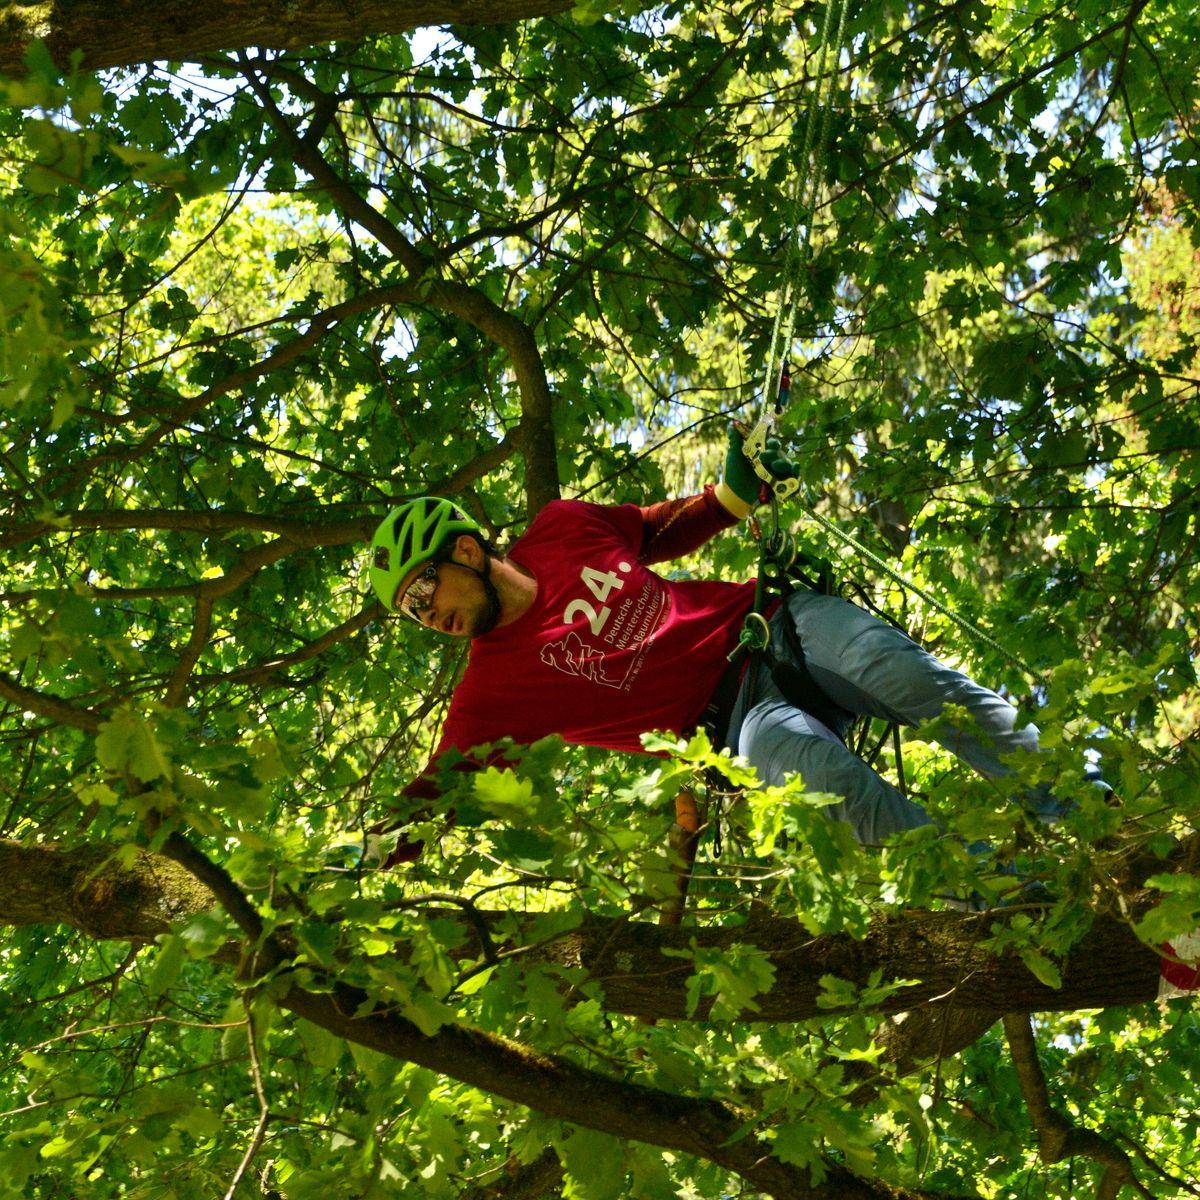 Baumkletter-Meisterschaften: Disziplin Workclimb